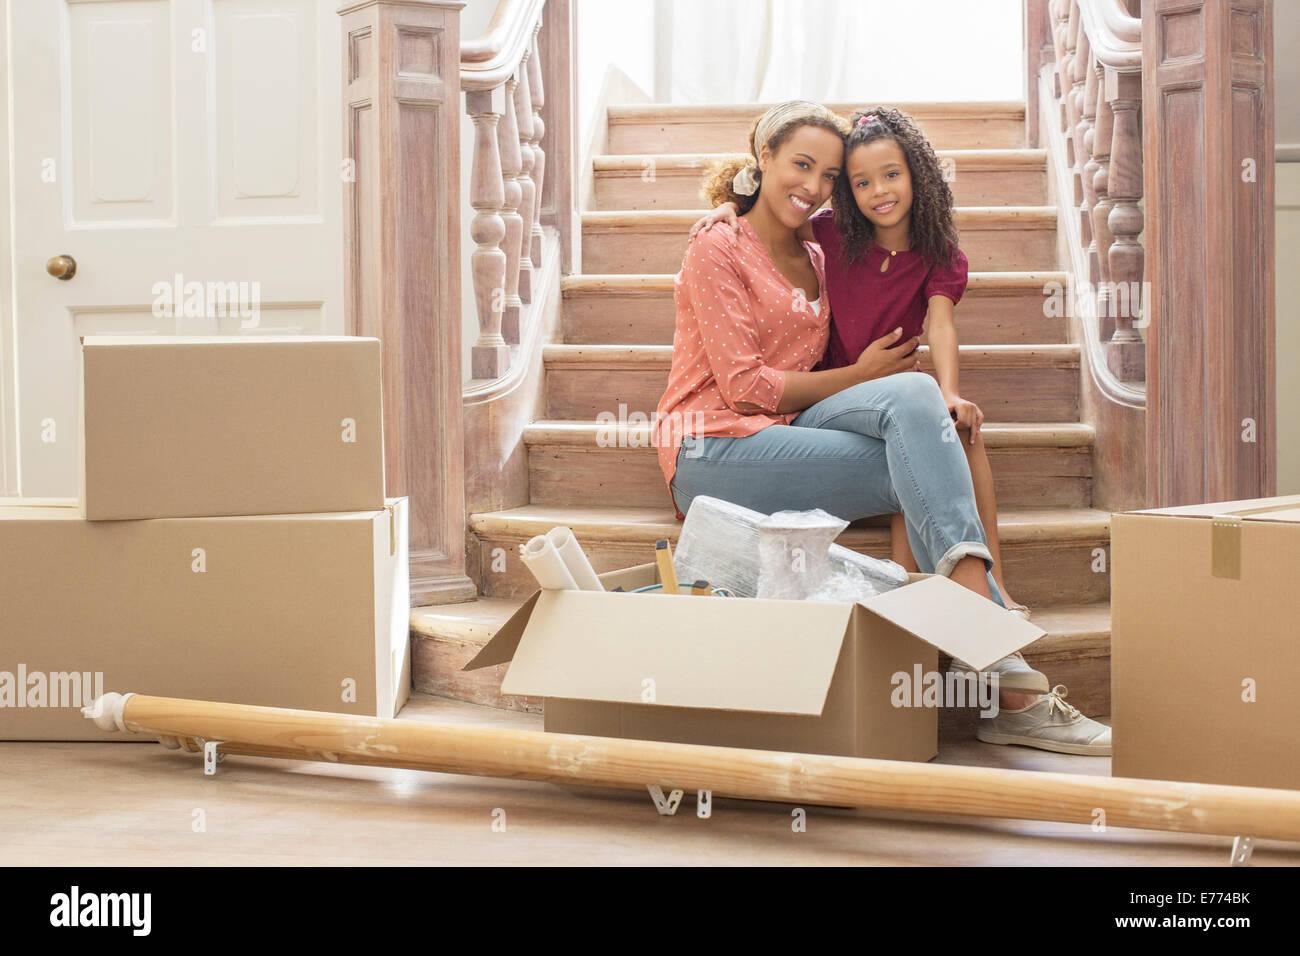 mutter und tochter umarmt auf treppe stockfoto bild 73301191 alamy. Black Bedroom Furniture Sets. Home Design Ideas